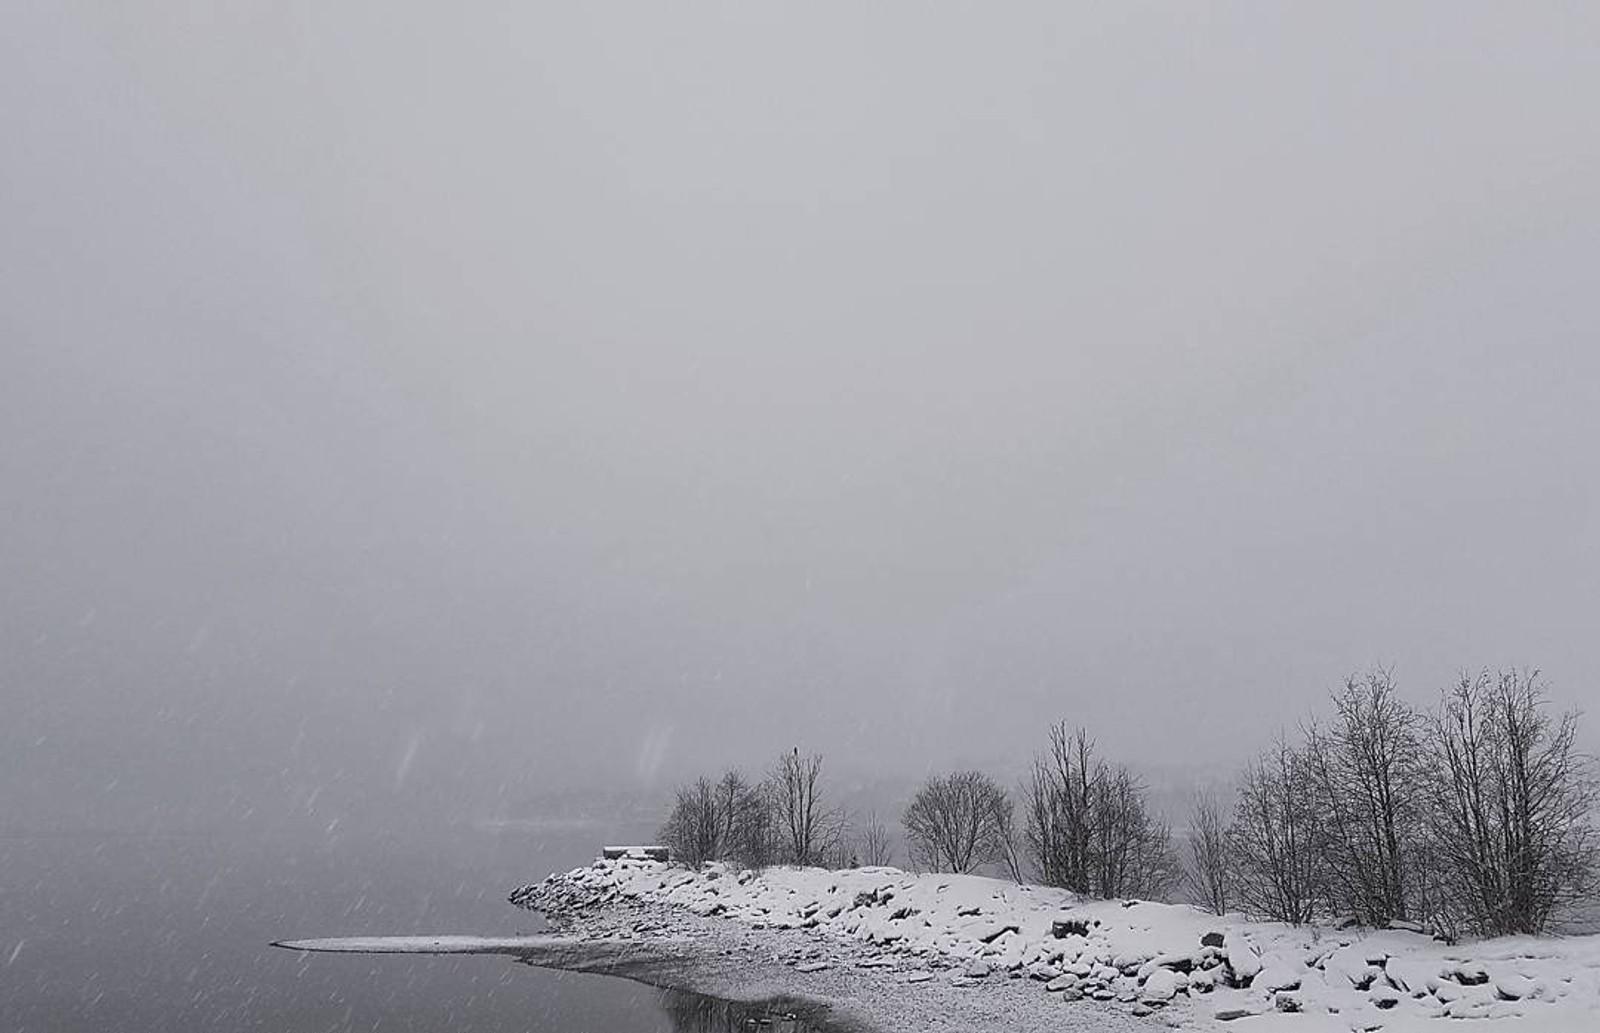 Meir snø på veg mot Ytteren i Mo i Rana.